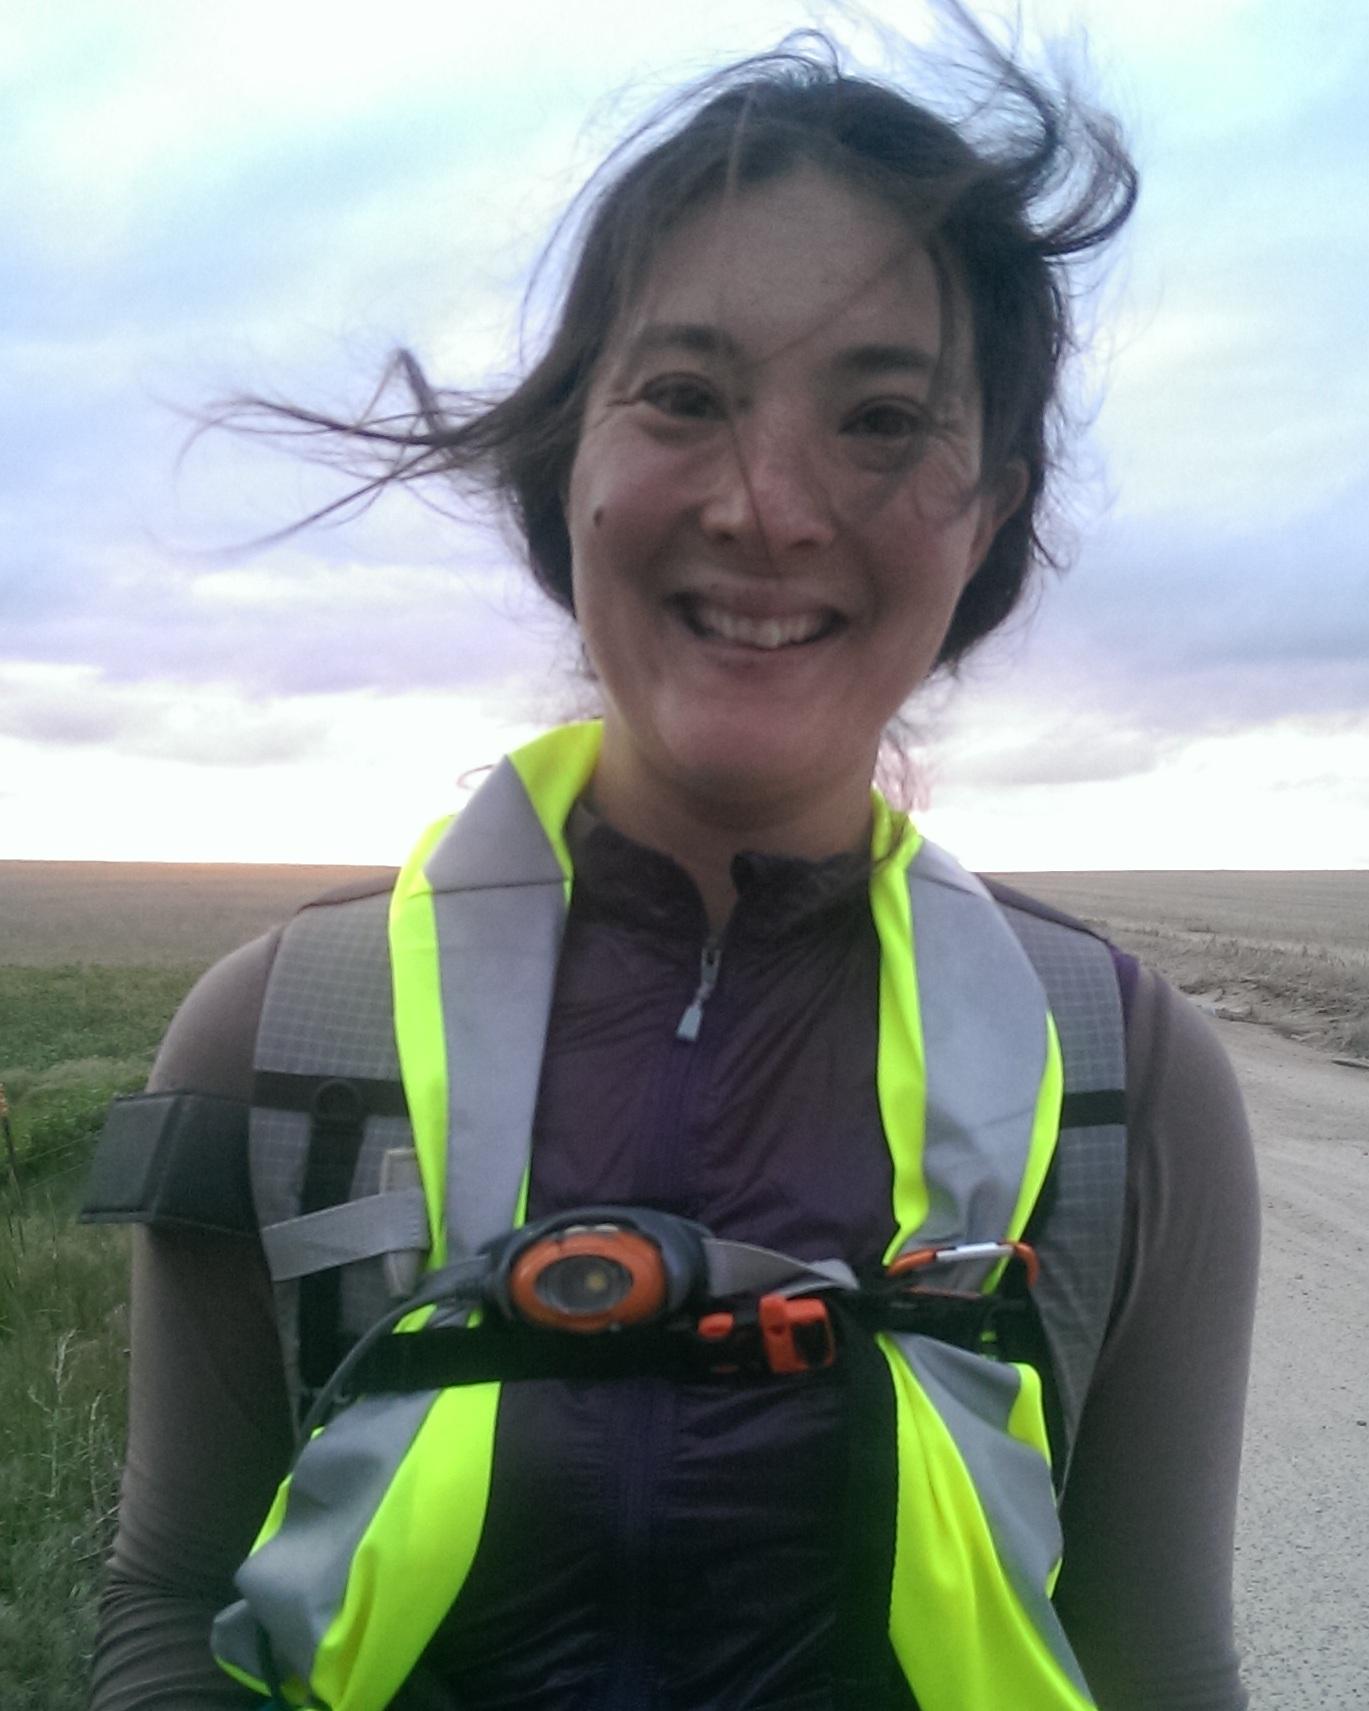 Liz Thomas wearing a reflective safety vest.